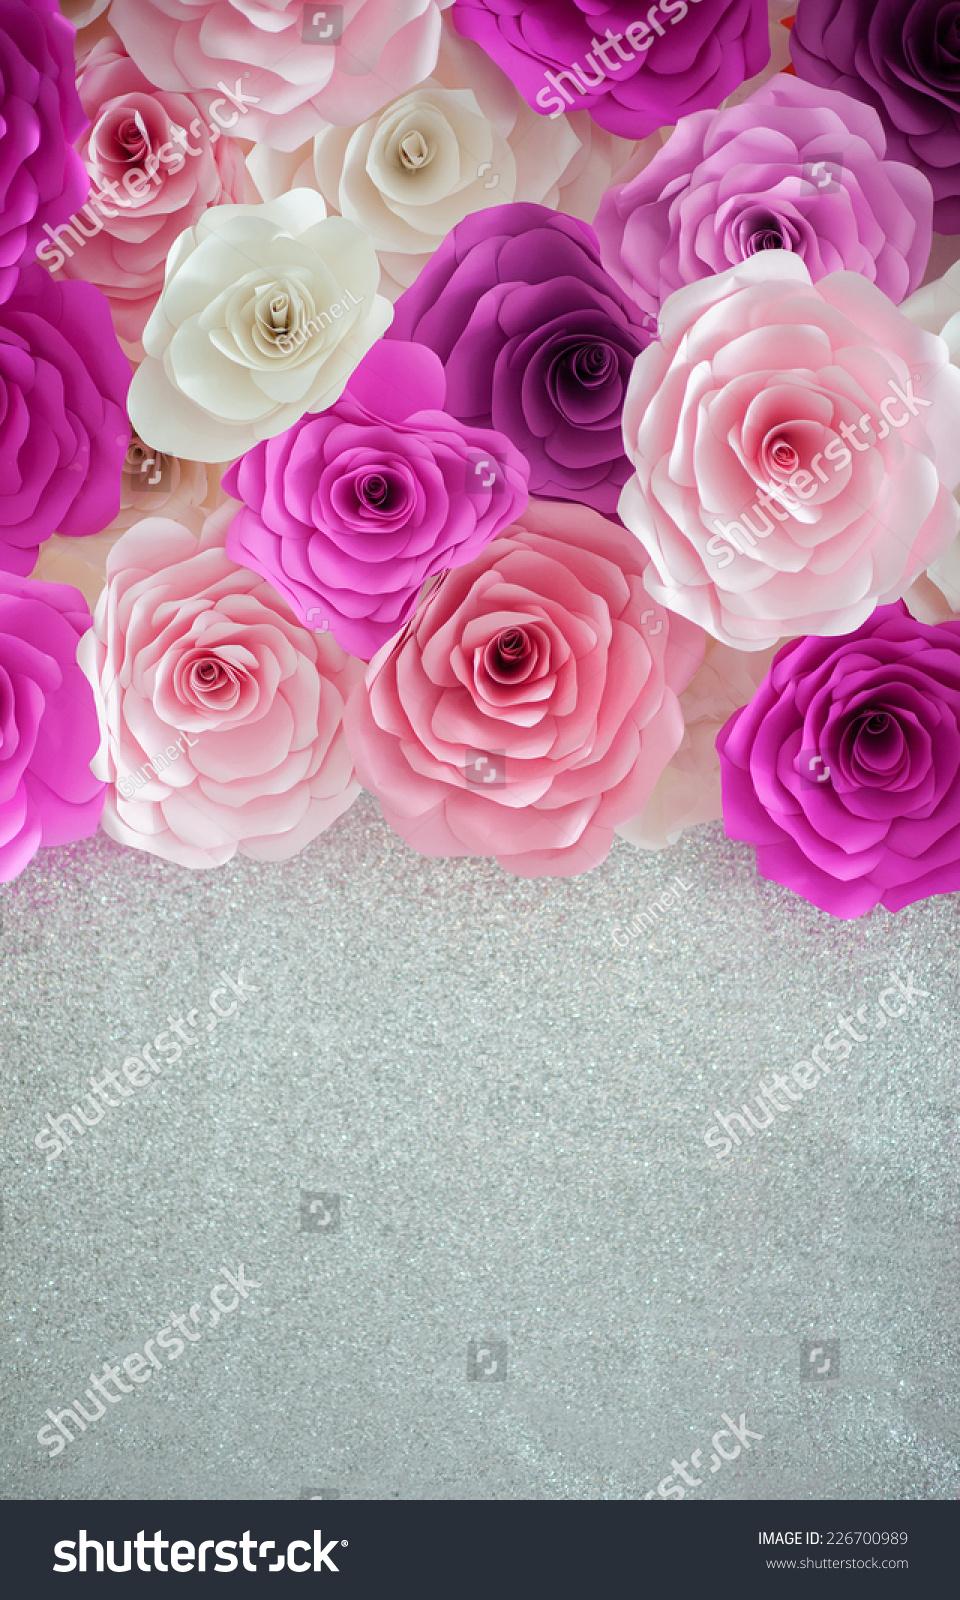 色彩鲜艳的玫瑰背景